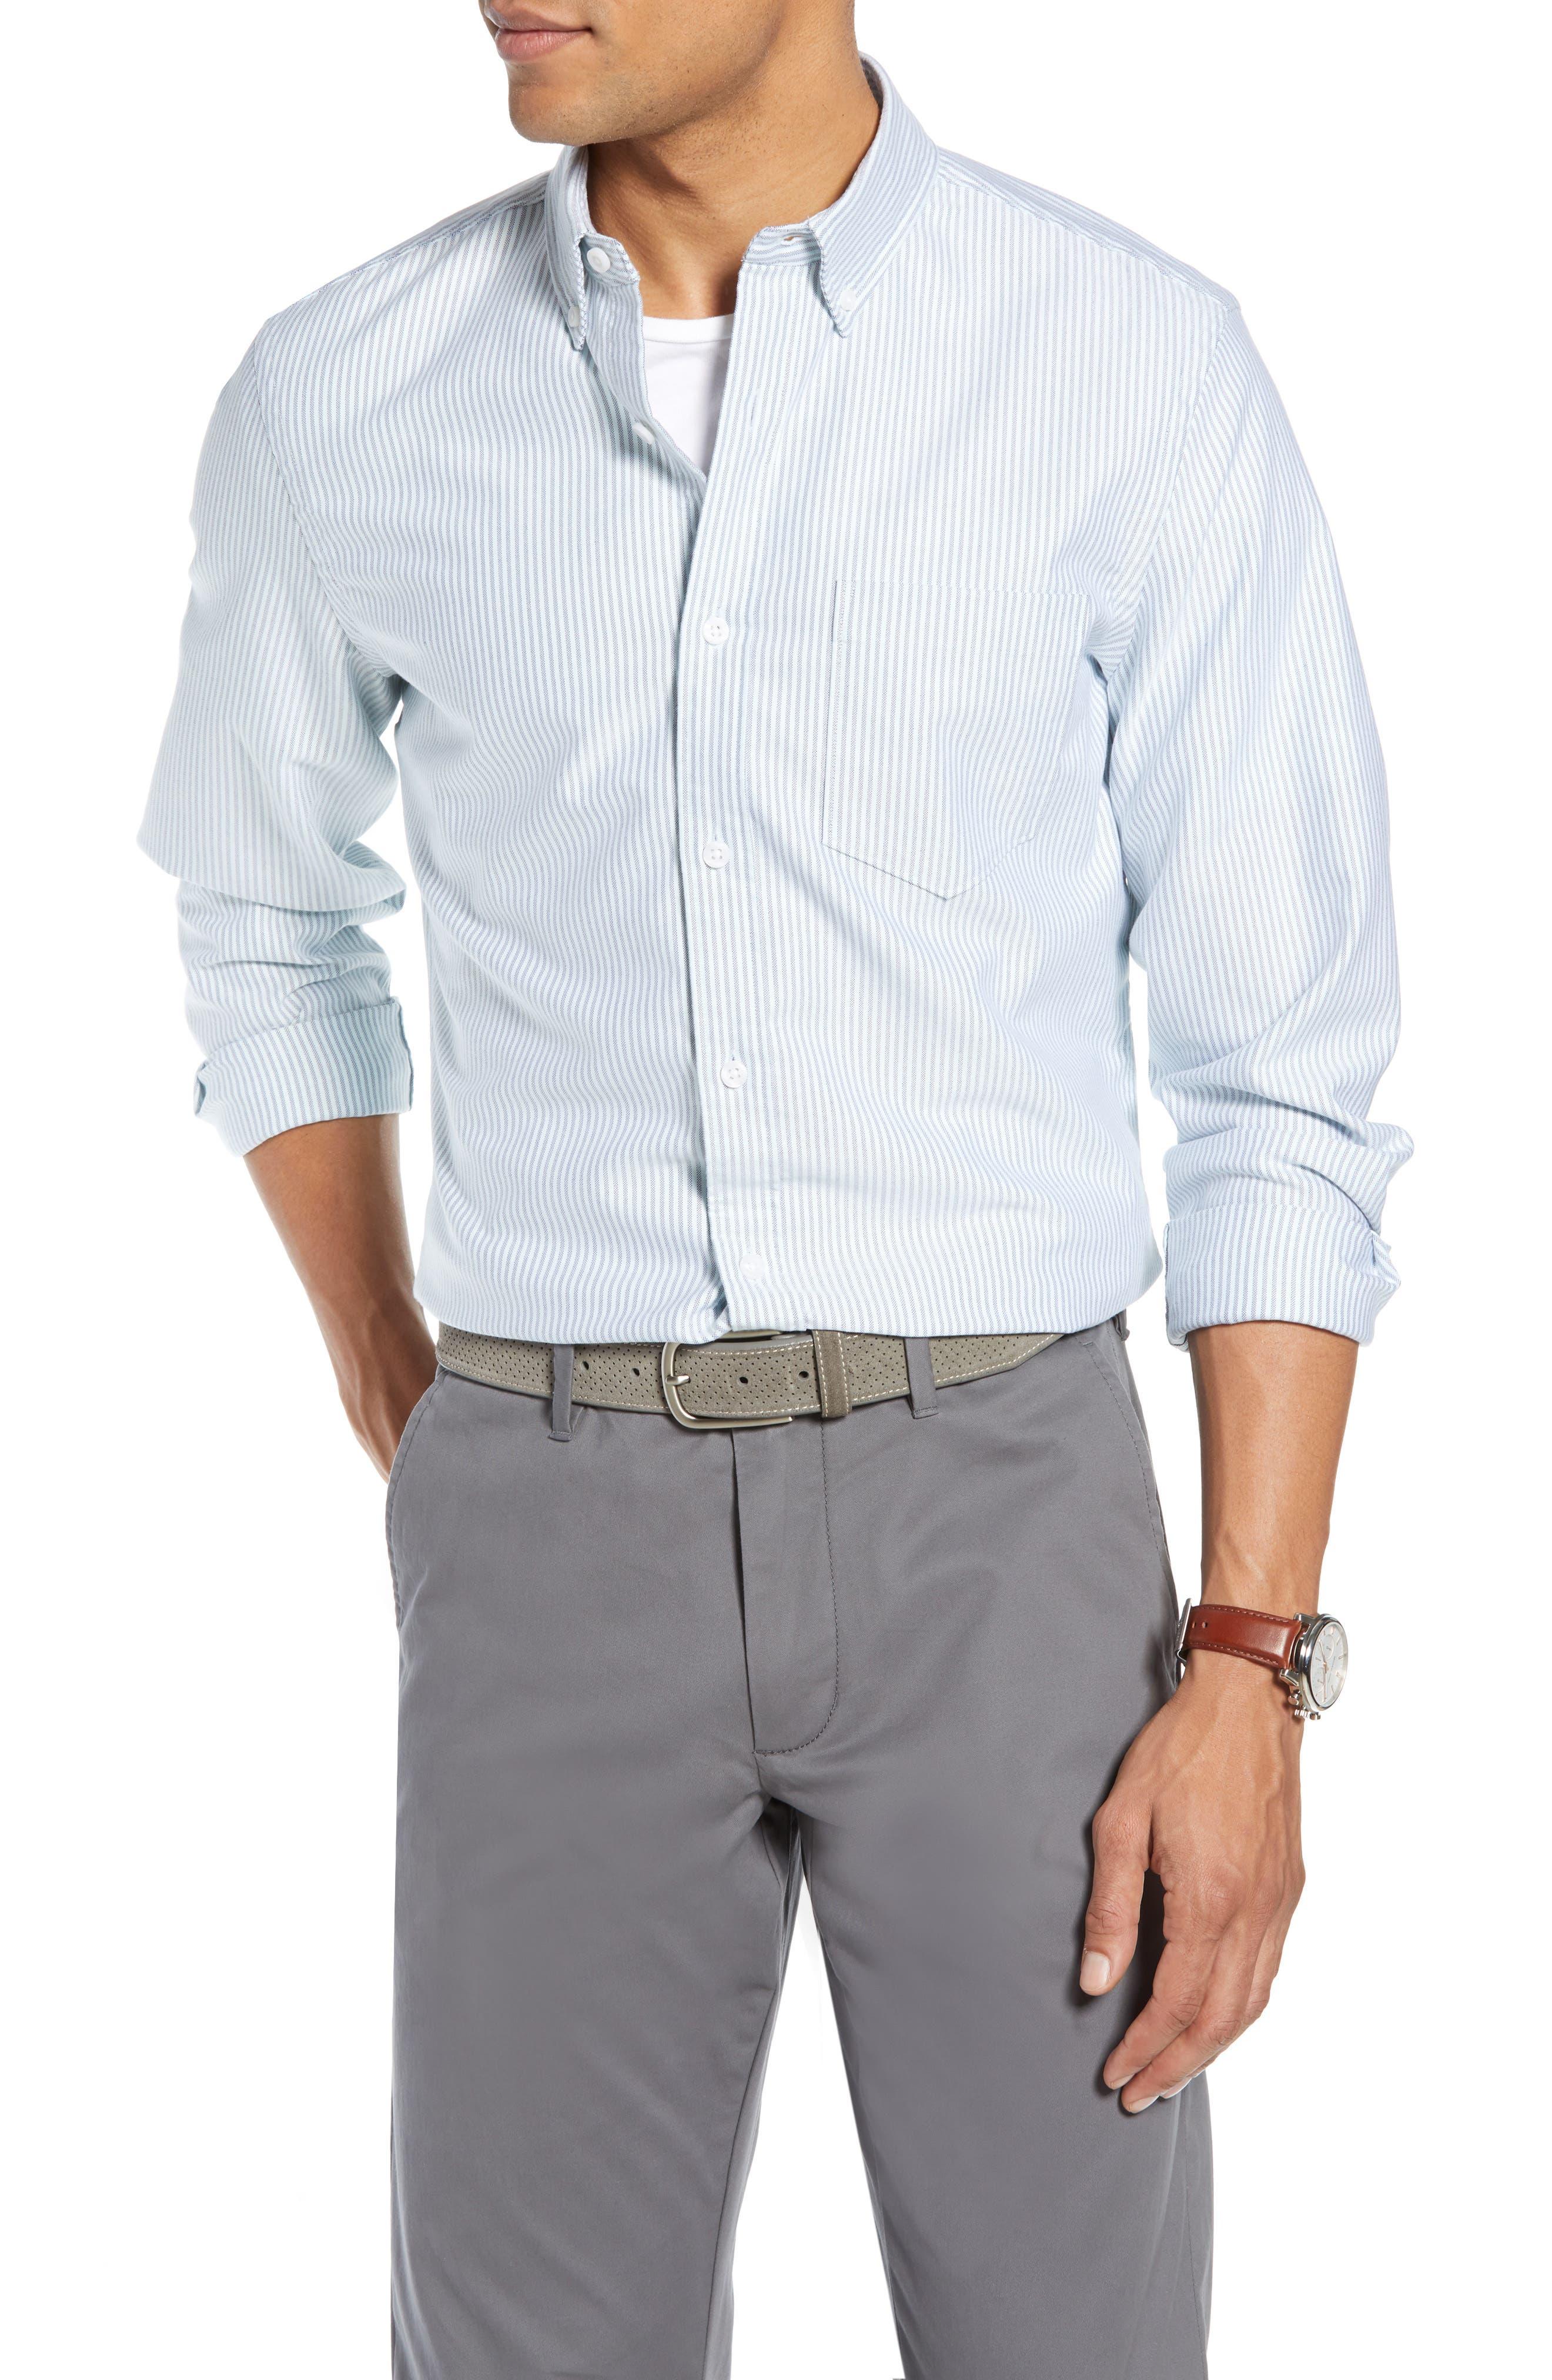 Trim Fit Bengal Stripe Sport Shirt,                         Main,                         color, BLUE ENSIGN MINT STRIPE